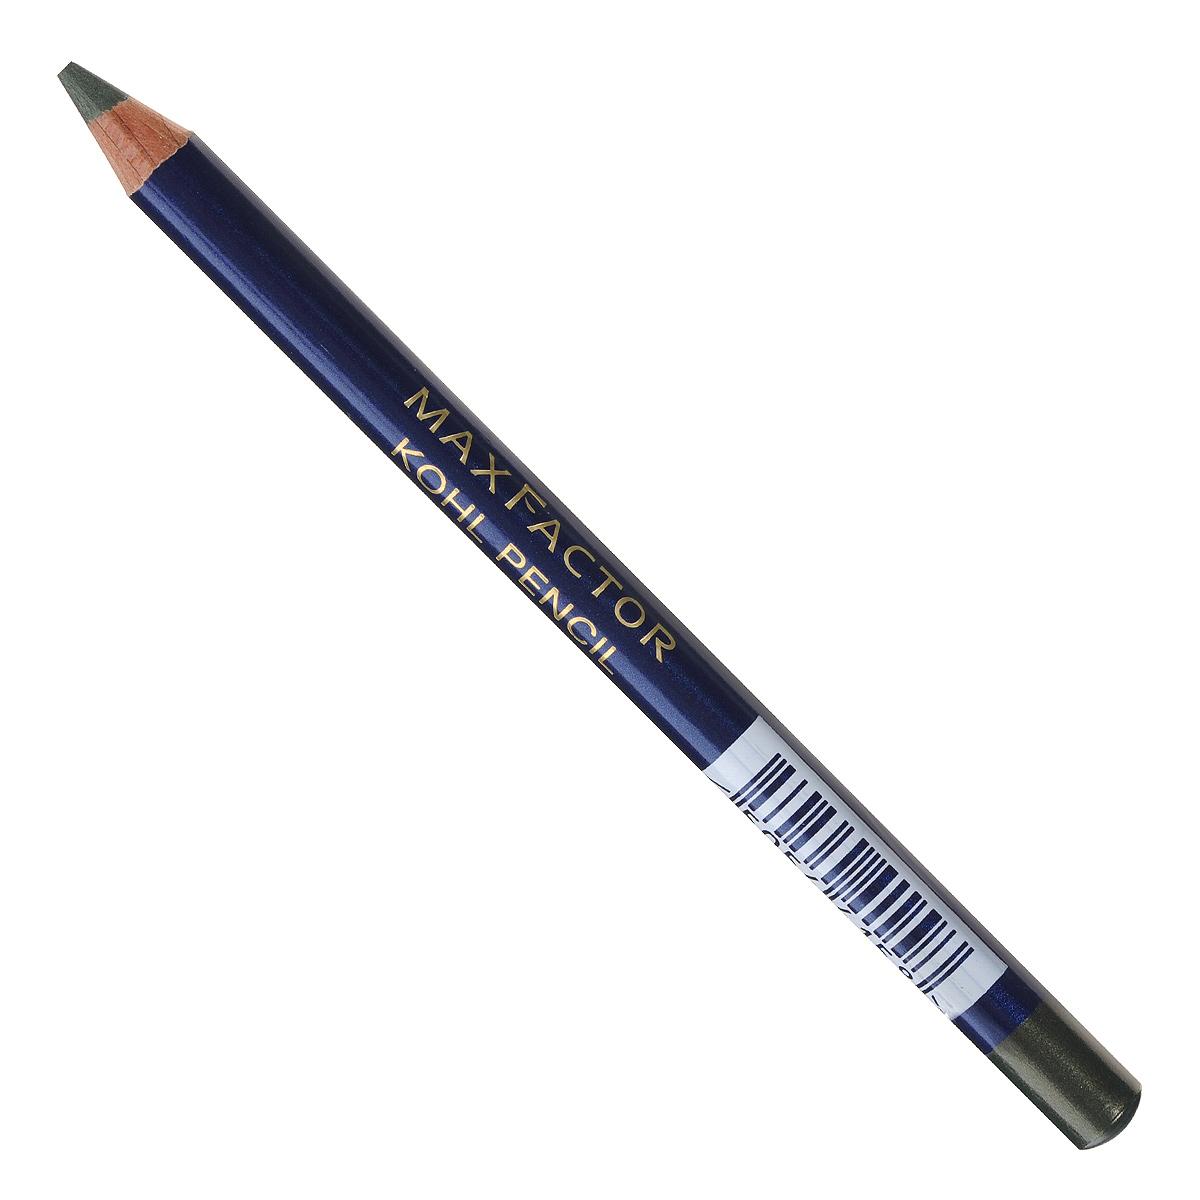 Max Factor Карандаш для глаз Kohl Pencil, тон №070 Olive, цвет: оливковый81480587Карандаш Kohl Pencil – ваше секретное оружие для создания сексуального, выразительного взгляда! Он подчеркнет разрез глаз и добавит к вашему макияжу цветовой акцент. Этот карандаш идеально подходит как для дневного так и для вечернего макияжа. Товар сертифицирован.